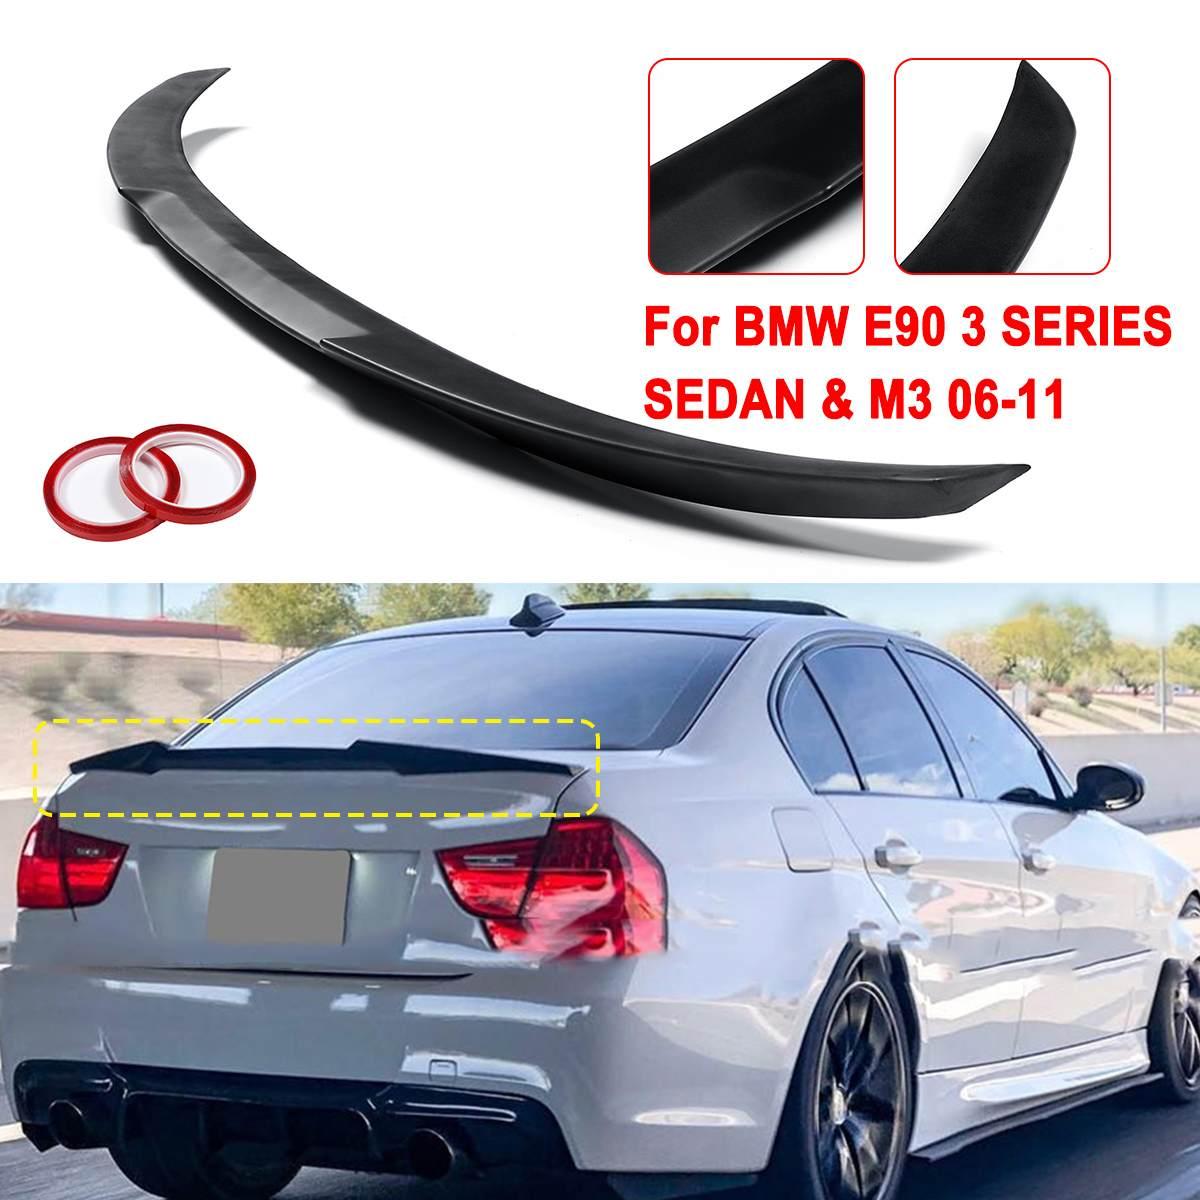 Mat/Glanzend Zwart/carbon fiber Stijl ABS kofferbak spoiler Wing M4-STYLE VOOR 2006-2011 Voor BMW E90 3 SERIE SEDAN & M3 2008-2012